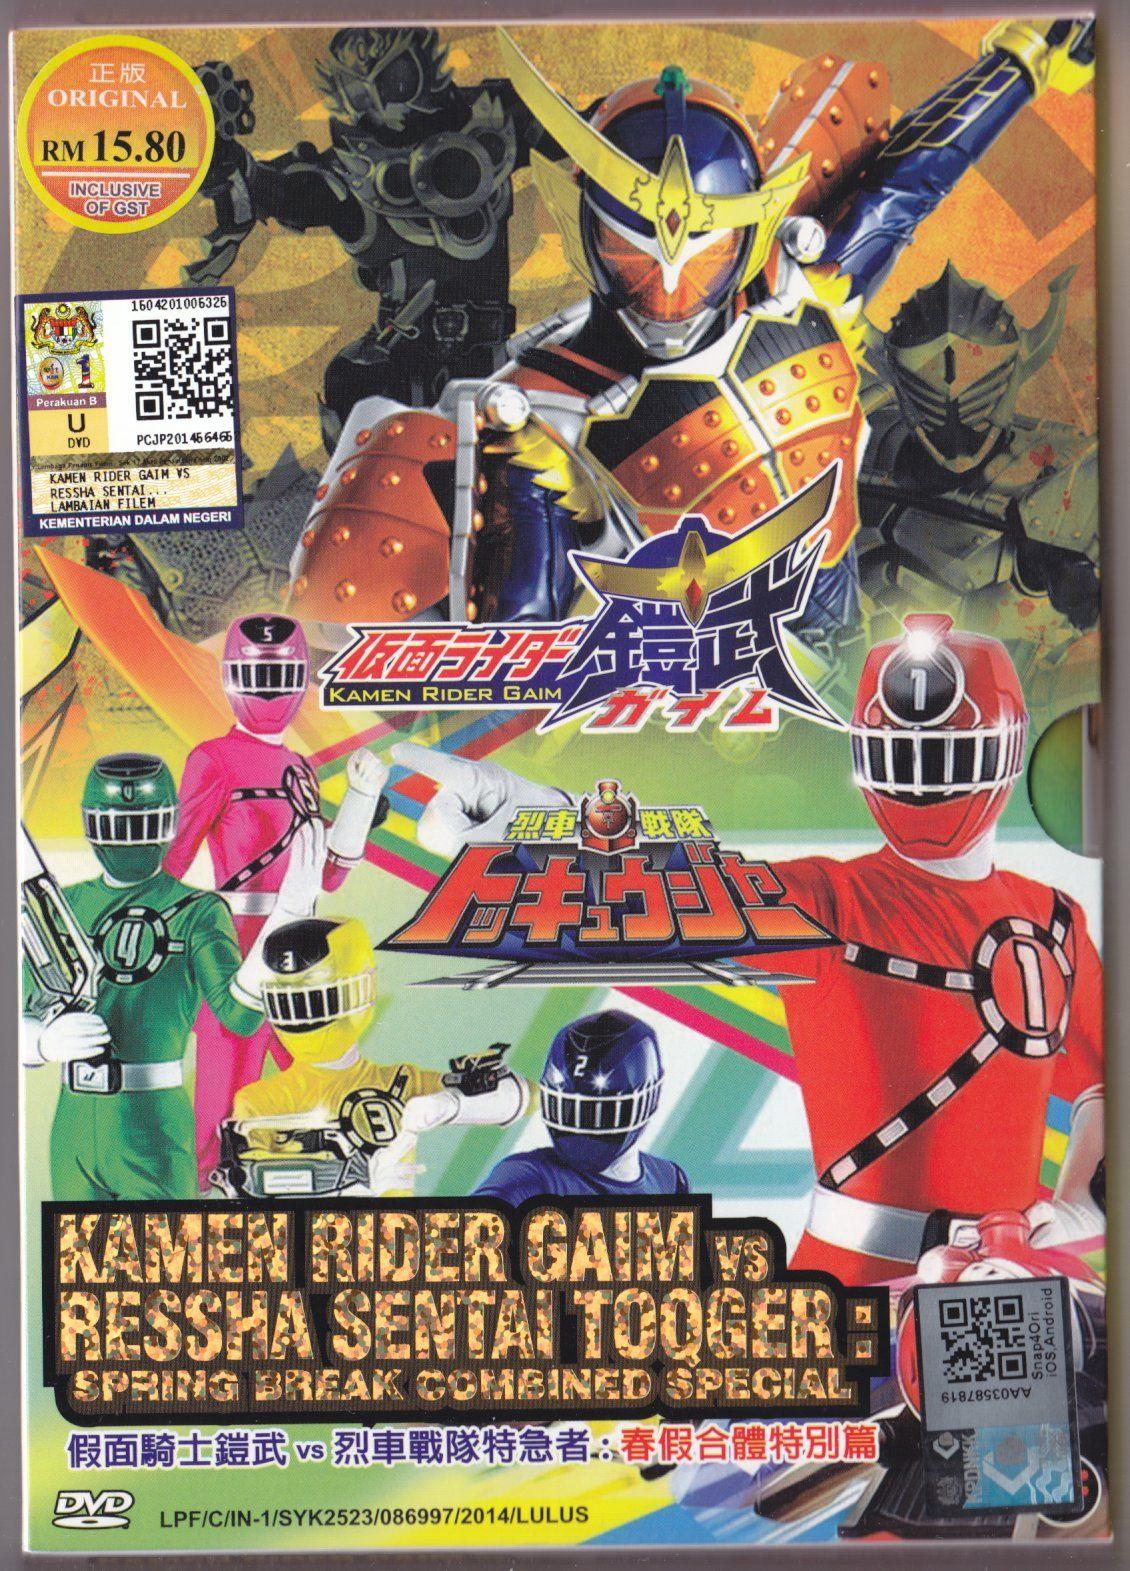 Kamen Rider Decade Kamen Rider Wiki Fandom Powered By Wikia Kamen Rider Decade Kamen Rider Kamen Rider Wizard